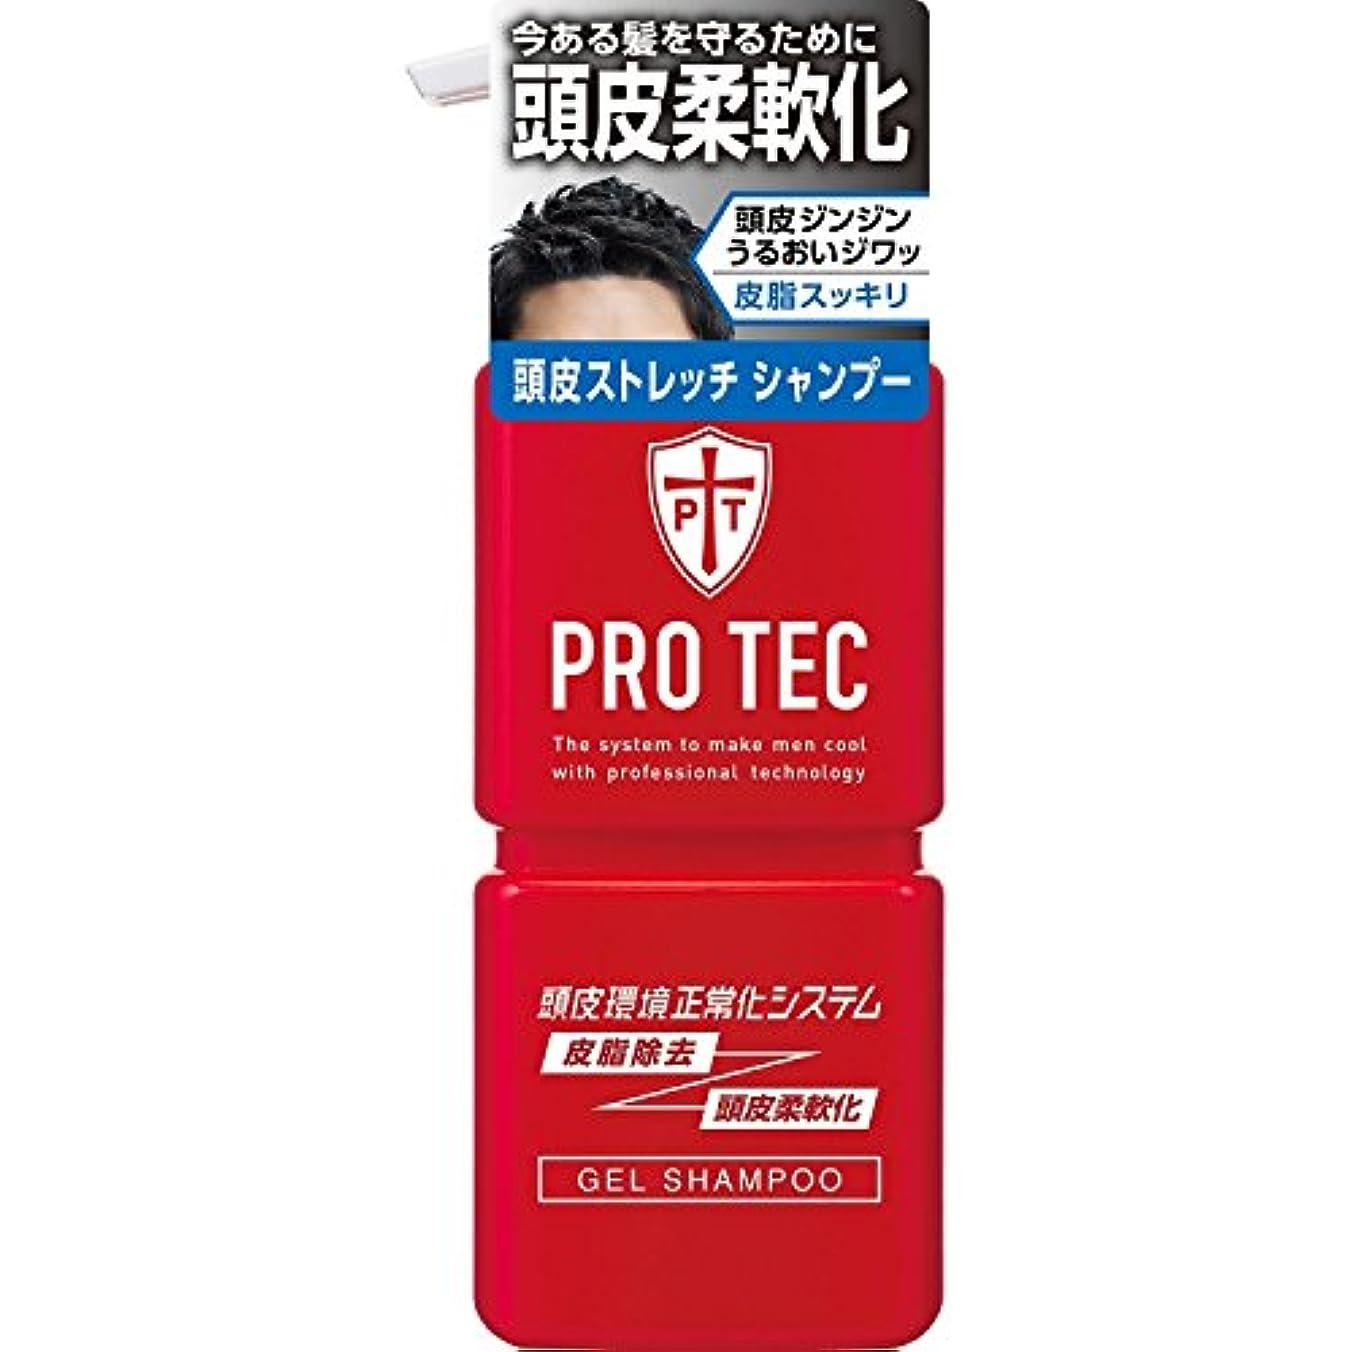 一般的な残忍な風邪をひくPRO TEC(プロテク) 頭皮ストレッチ シャンプー 本体ポンプ 300g(医薬部外品)